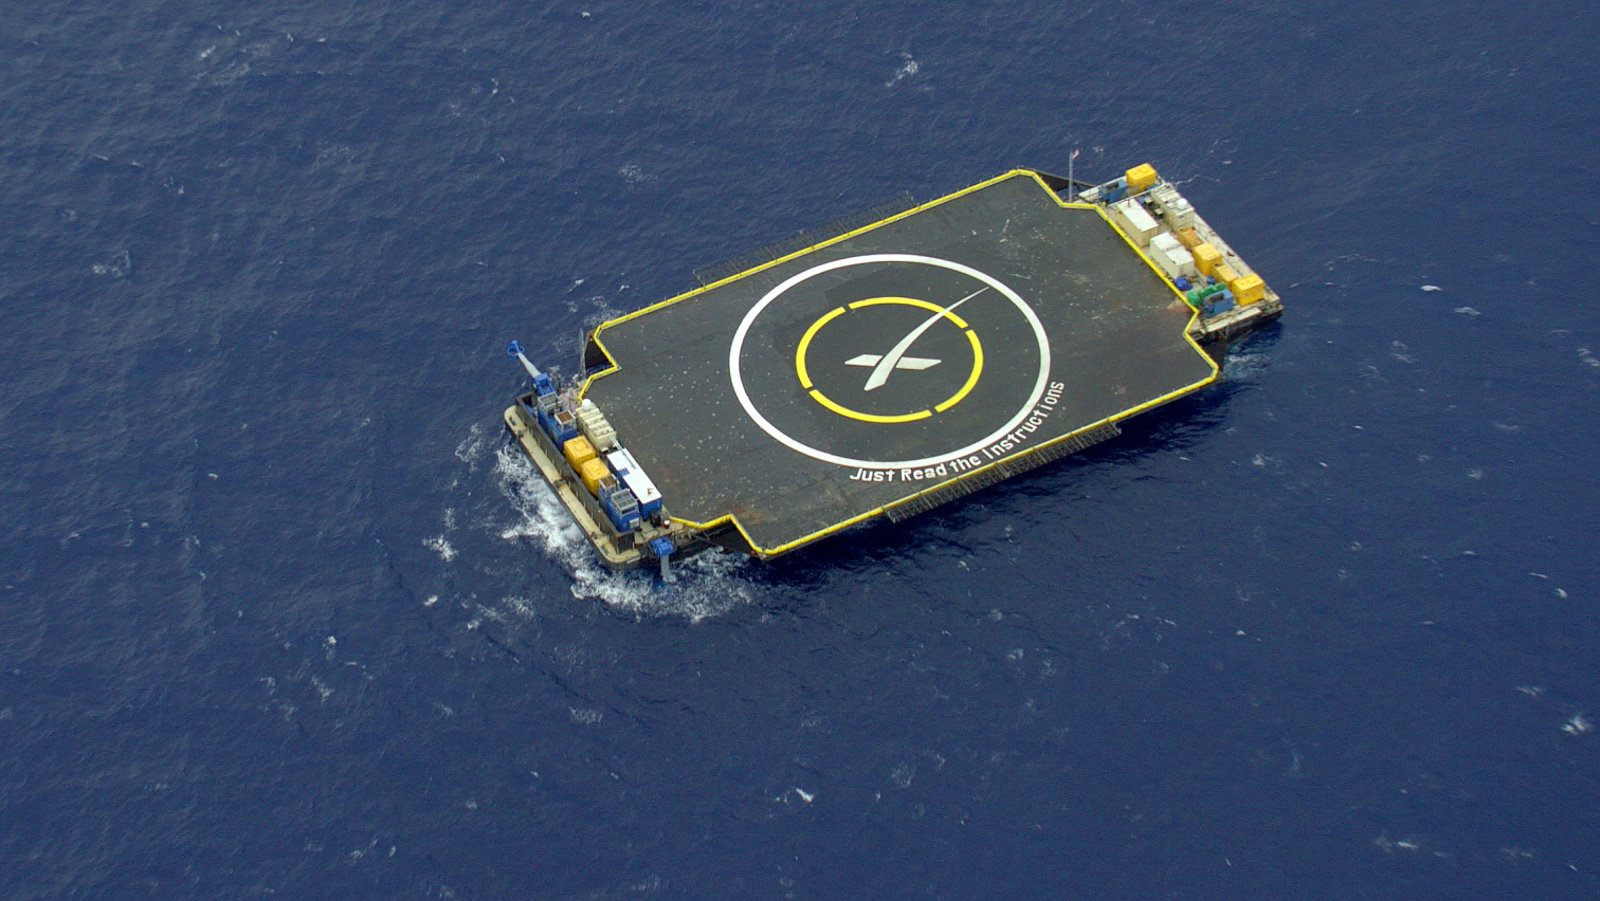 [Запуск отложен на 14 апреля 23:10] Сегодня SpaceX опять попытается посадить первую ступень ракеты Falcon 9 - 2